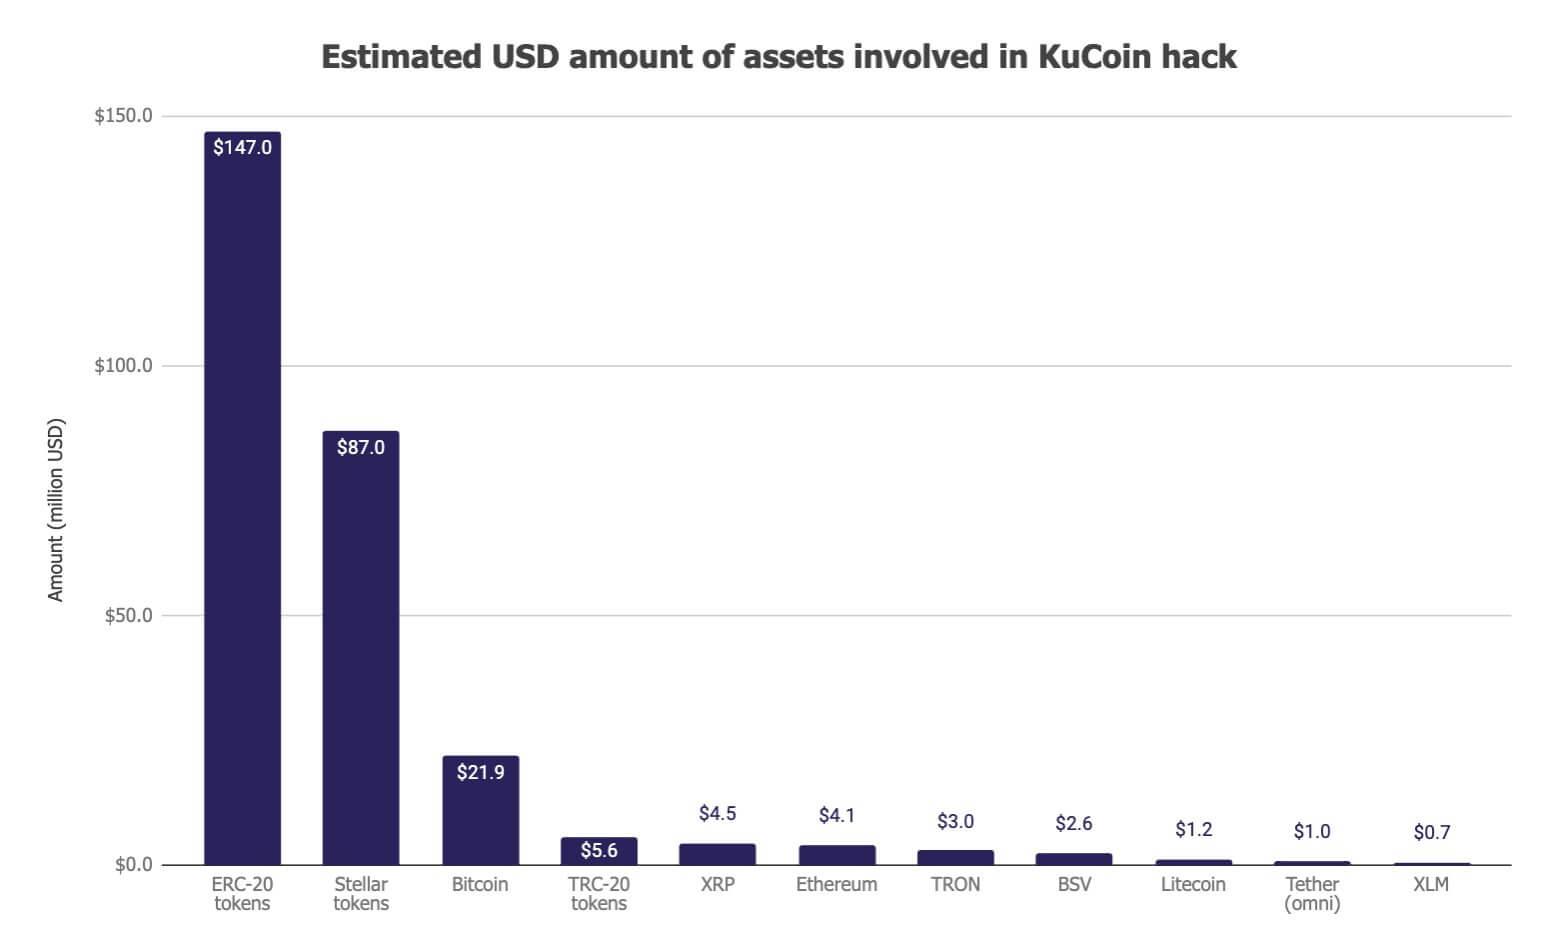 Украденные монеты с биржи KuCoin